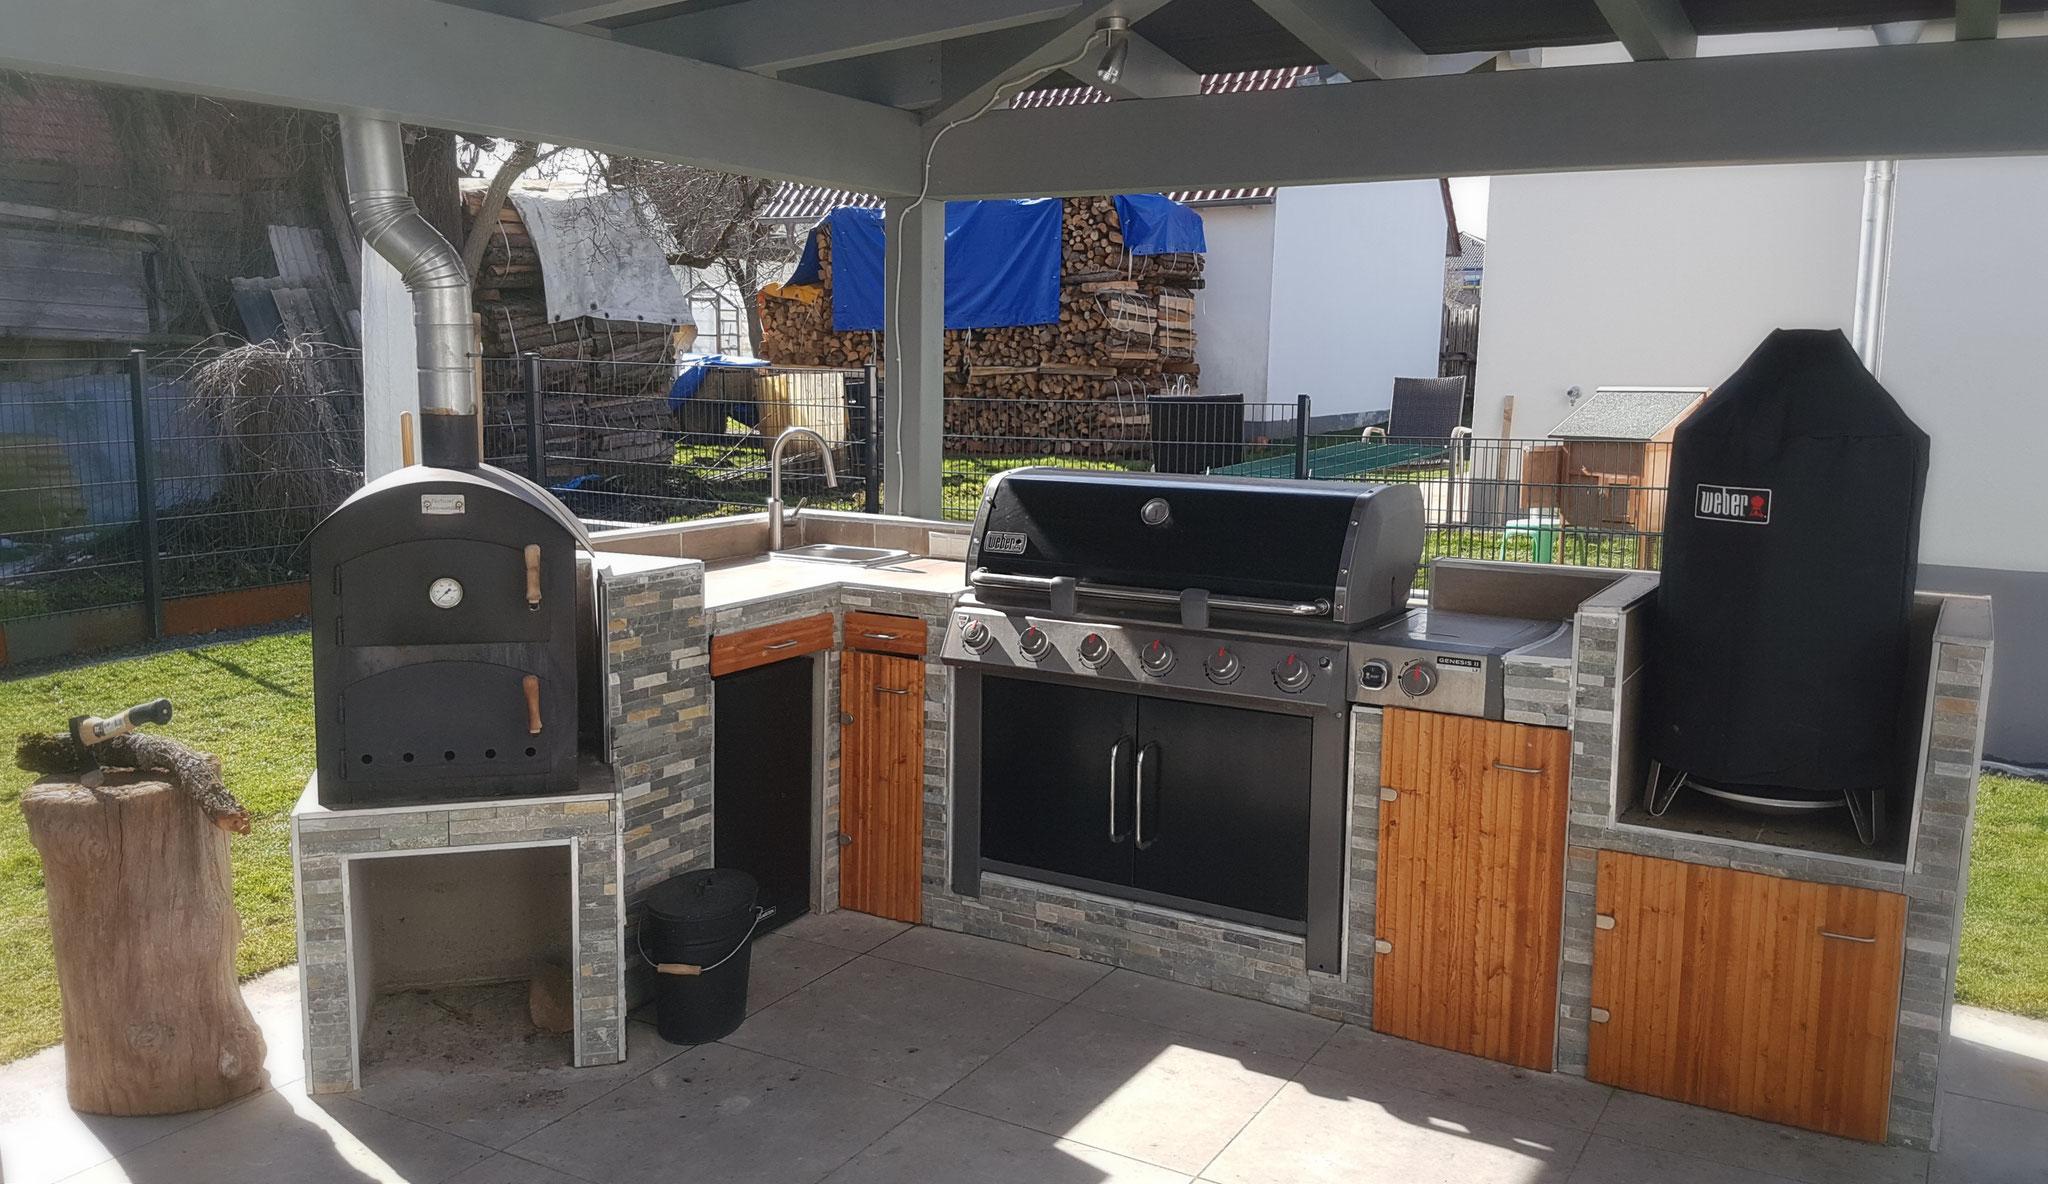 Outdoorküche Zubehör Kaufen : Koch überm feuer rezepte outdoorküche und kochutensilien